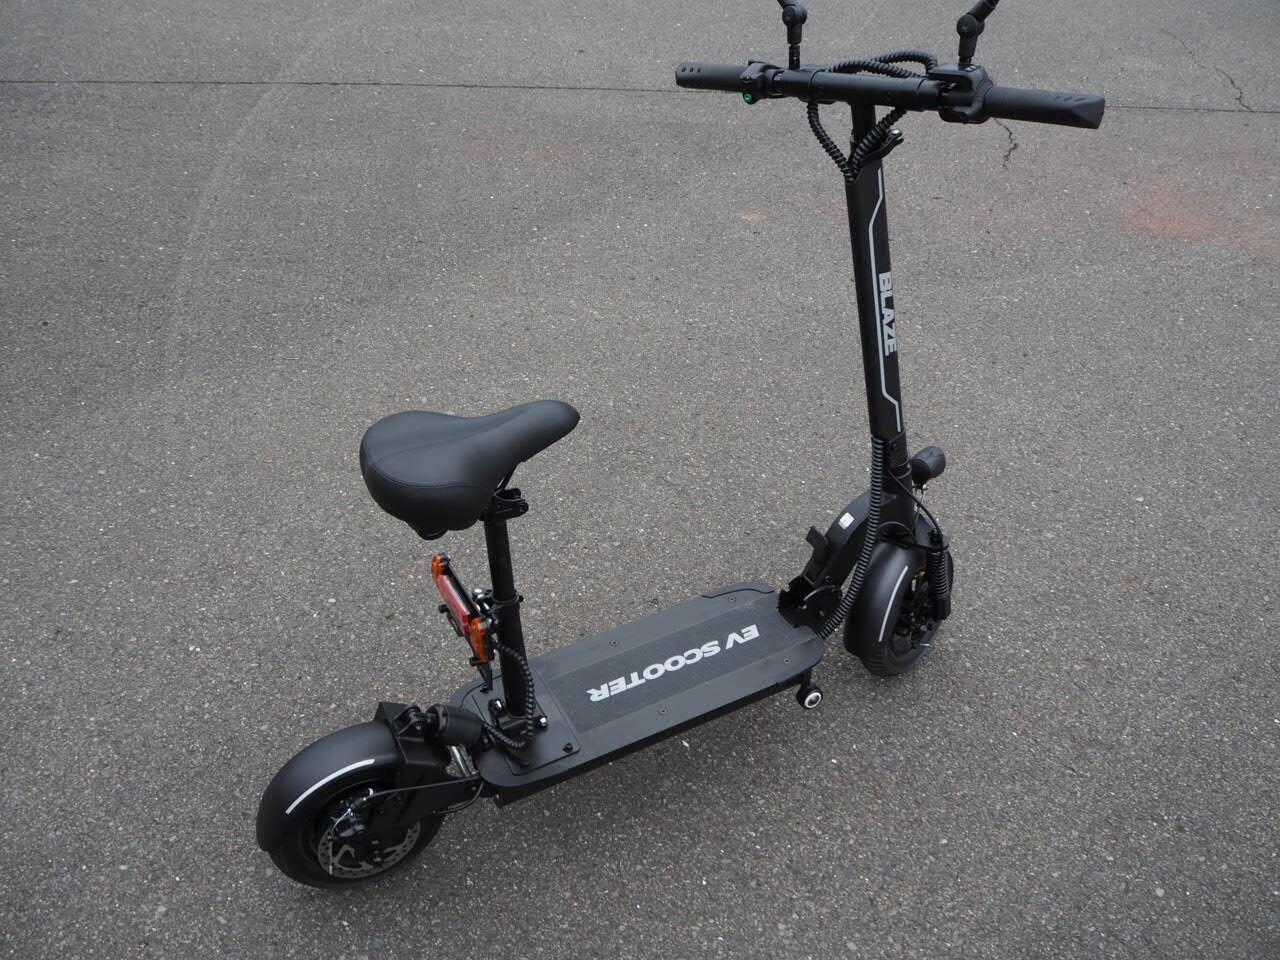 100%電気で動く折畳み可能な電動バイク ブレイズEVスクーター(ブラック色)【現金払い・銀行振り込み専用チケット】のイメージその1